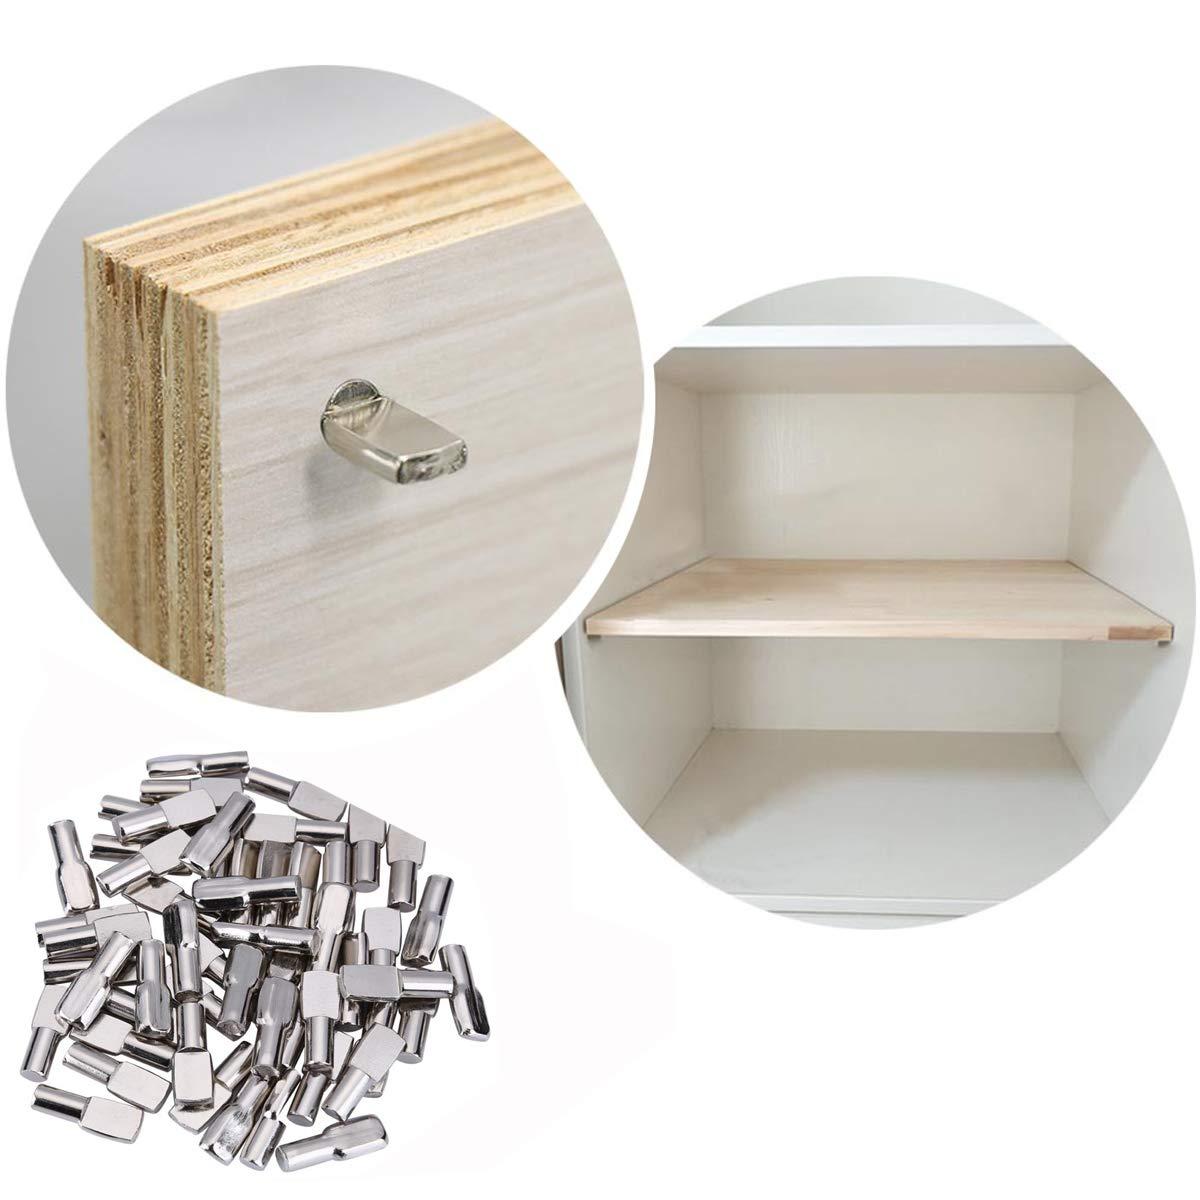 Rack multi-usages haut de gamme Leqi ventouse type drainable rectangulaire salle de bains ...